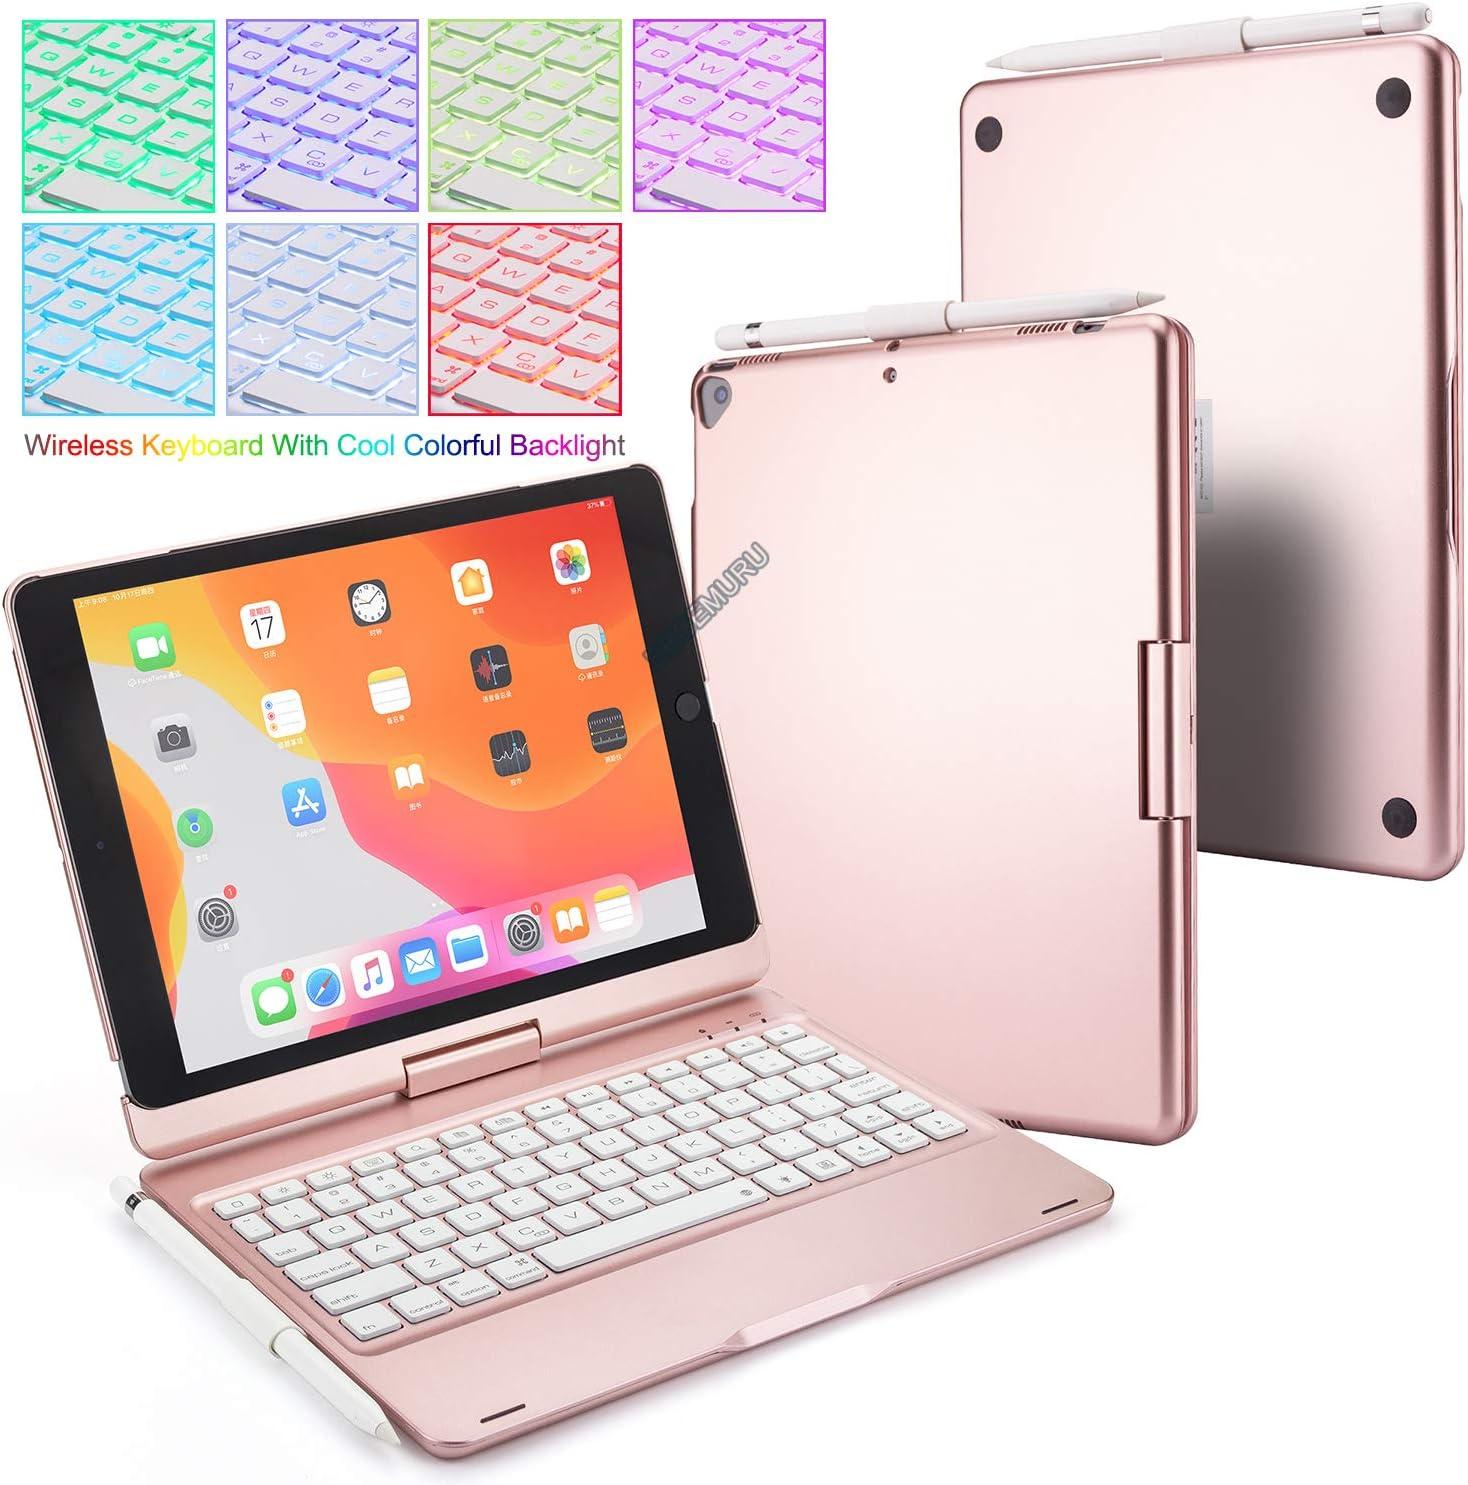 BECEMURU Funda para Teclado iPad 10.2 7 Colores Retroiluminación Teclado Bluetooth Soporte Giratorio de 360 ° Funda de aleación de Aluminio y ABS ...